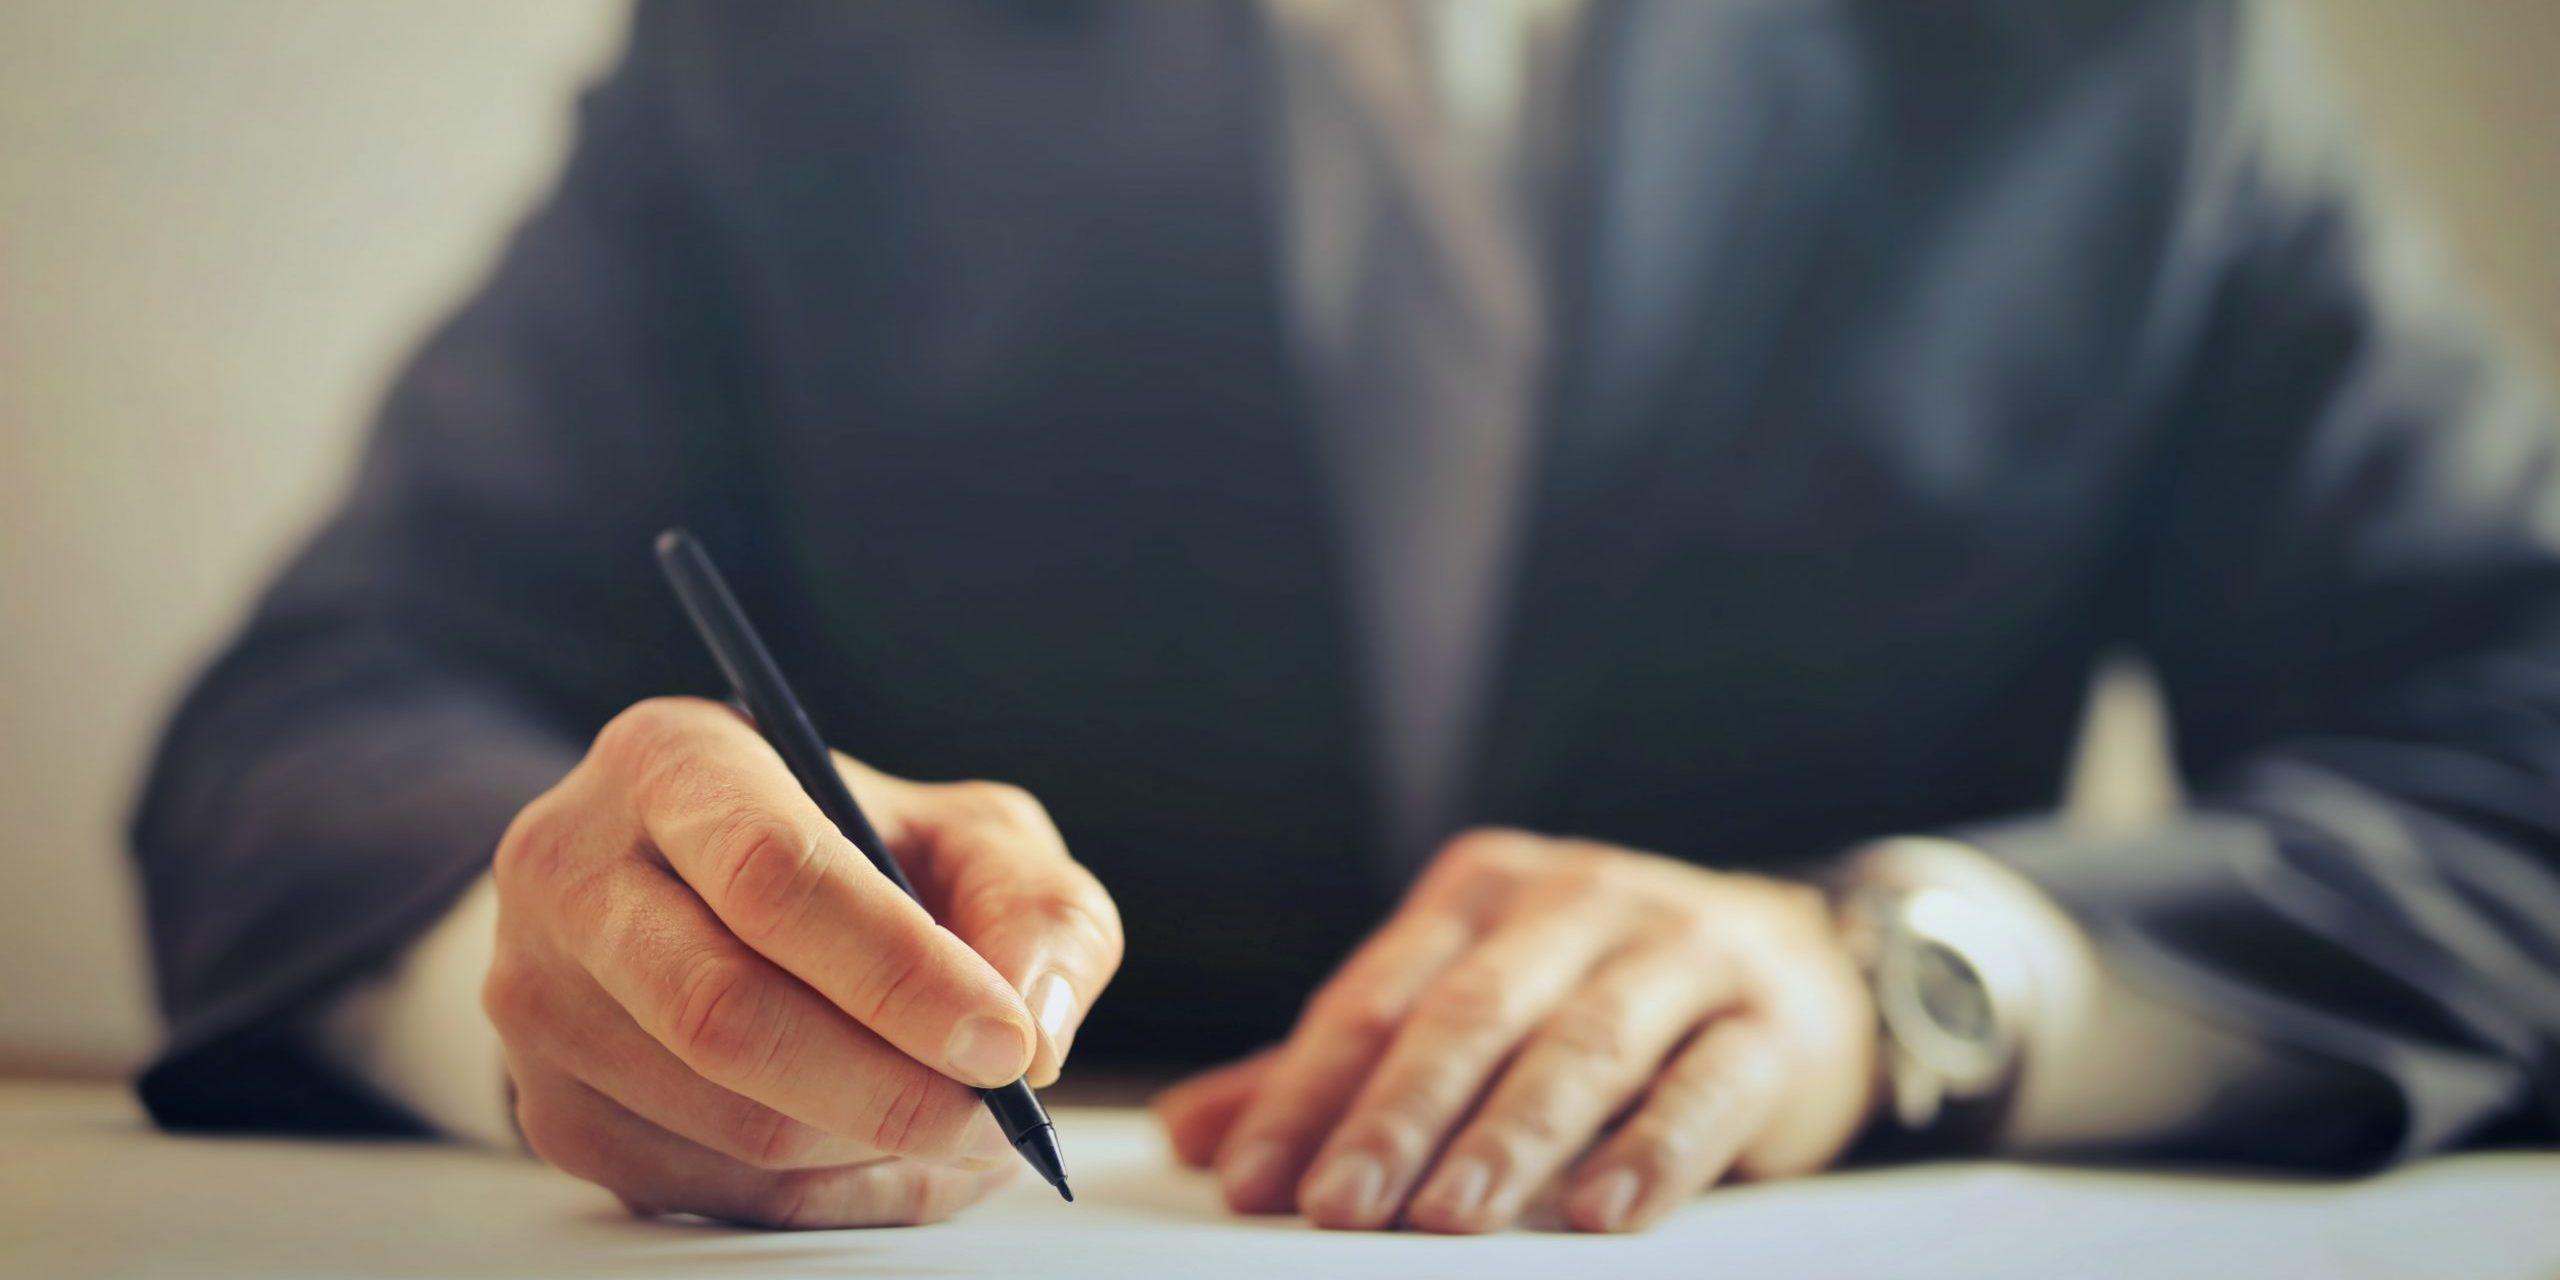 7 sai lầm CEO gặp phải trong quản trị doanh nghiệp và cách phòng tránh